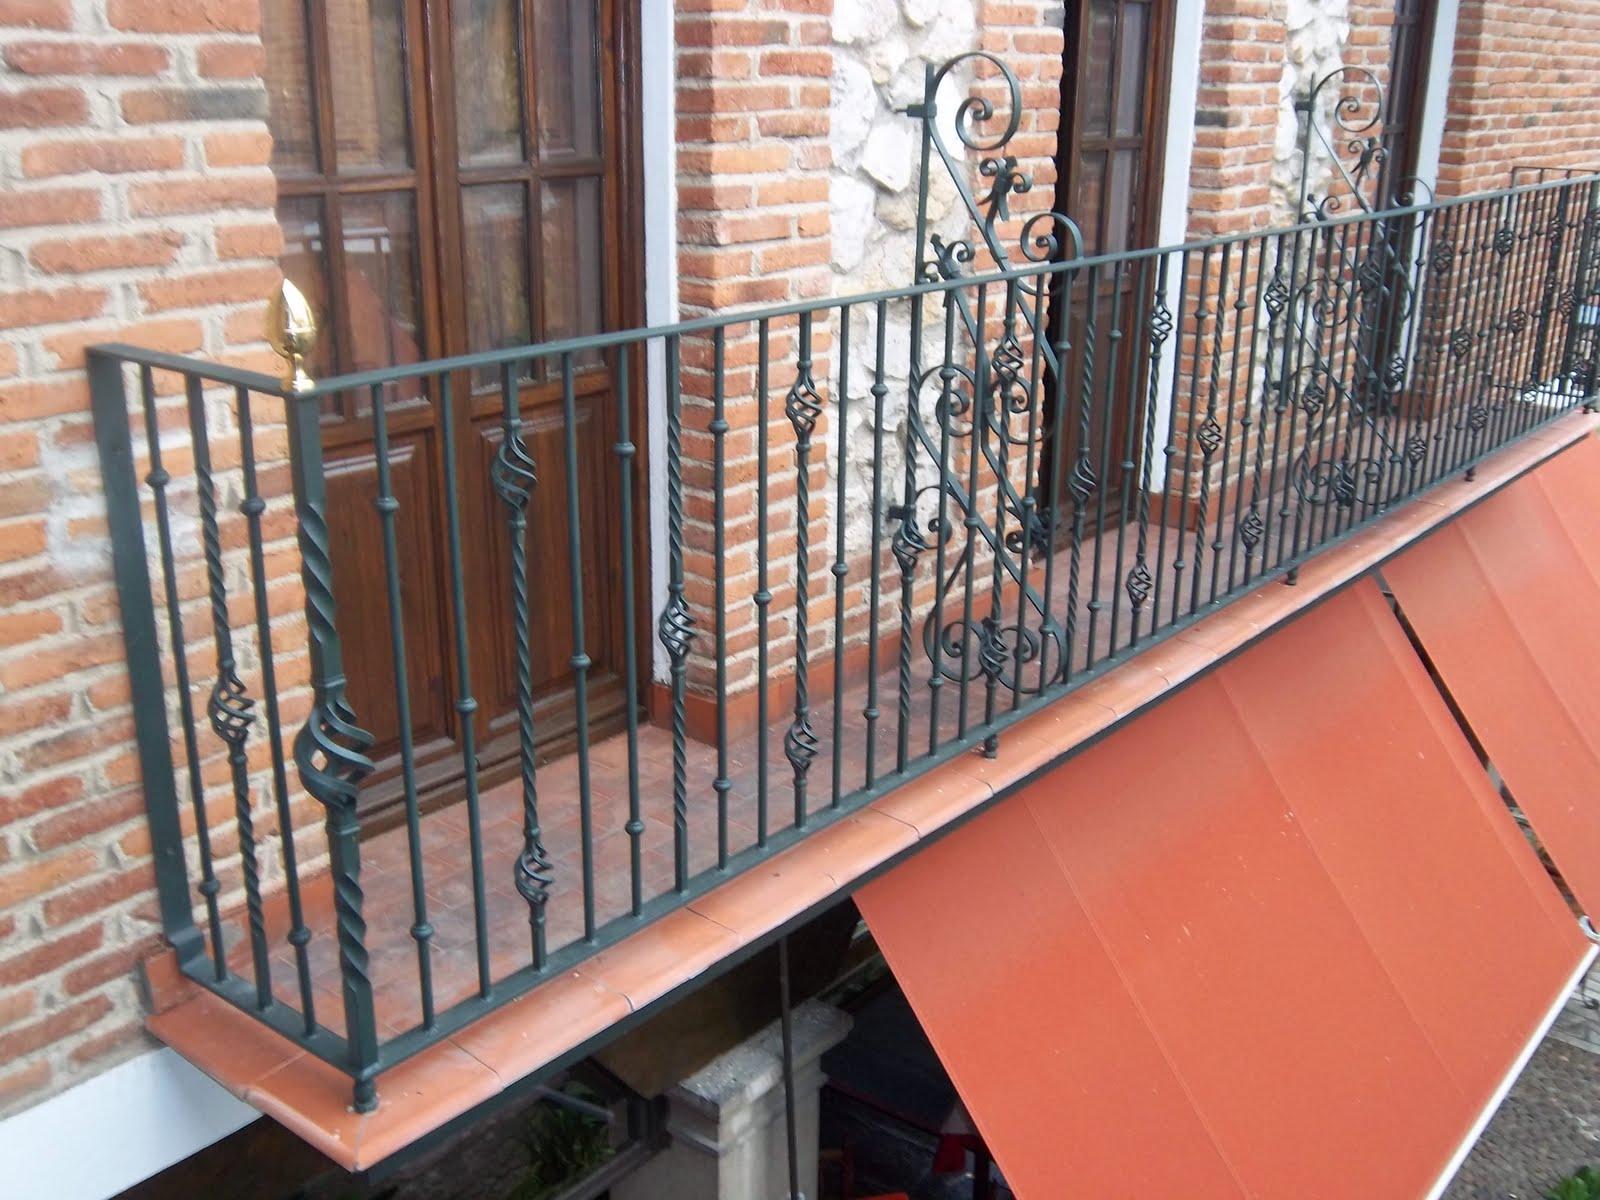 Norbel carpinteria met lica y acero inoxidable balcones - Balcones de forja antiguos ...